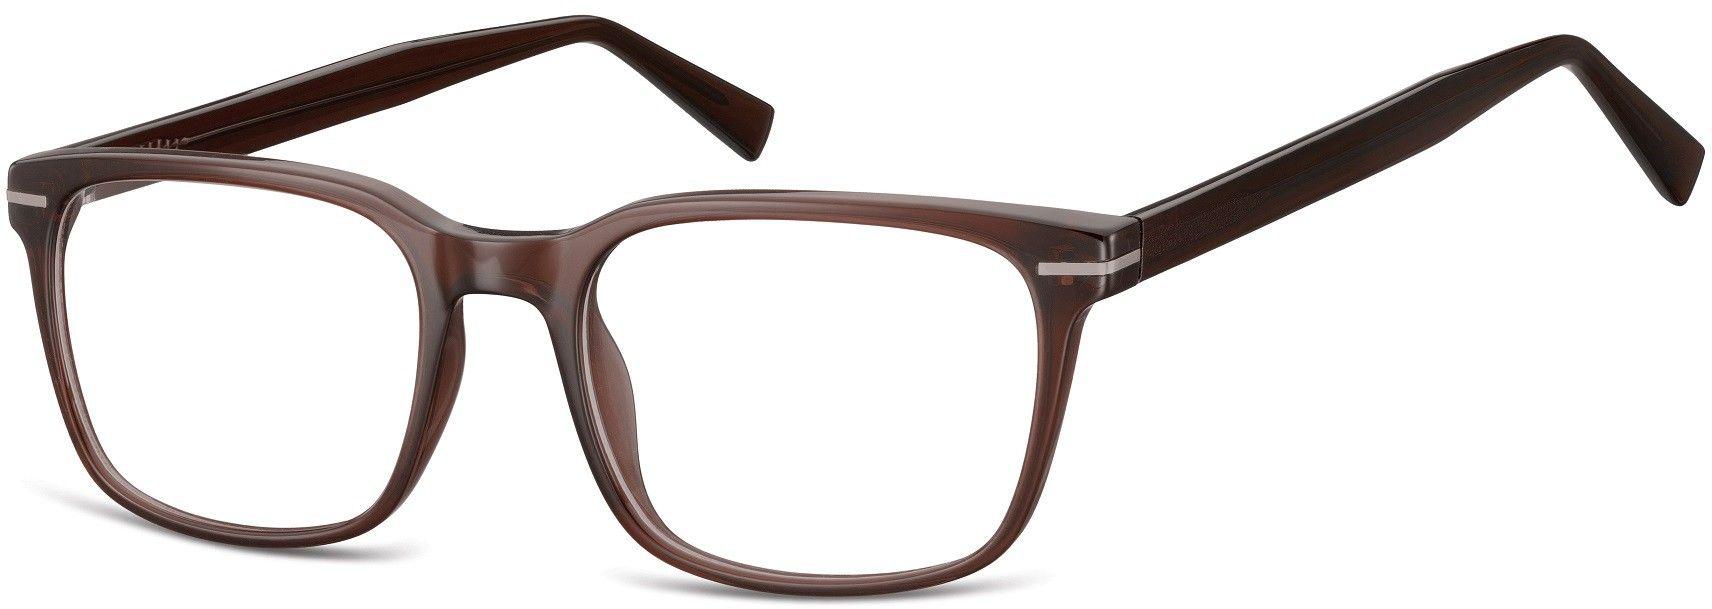 Okulary oprawki korekcyjne Nerdy zerówki Sunoptic CP119D brązowe transparentne